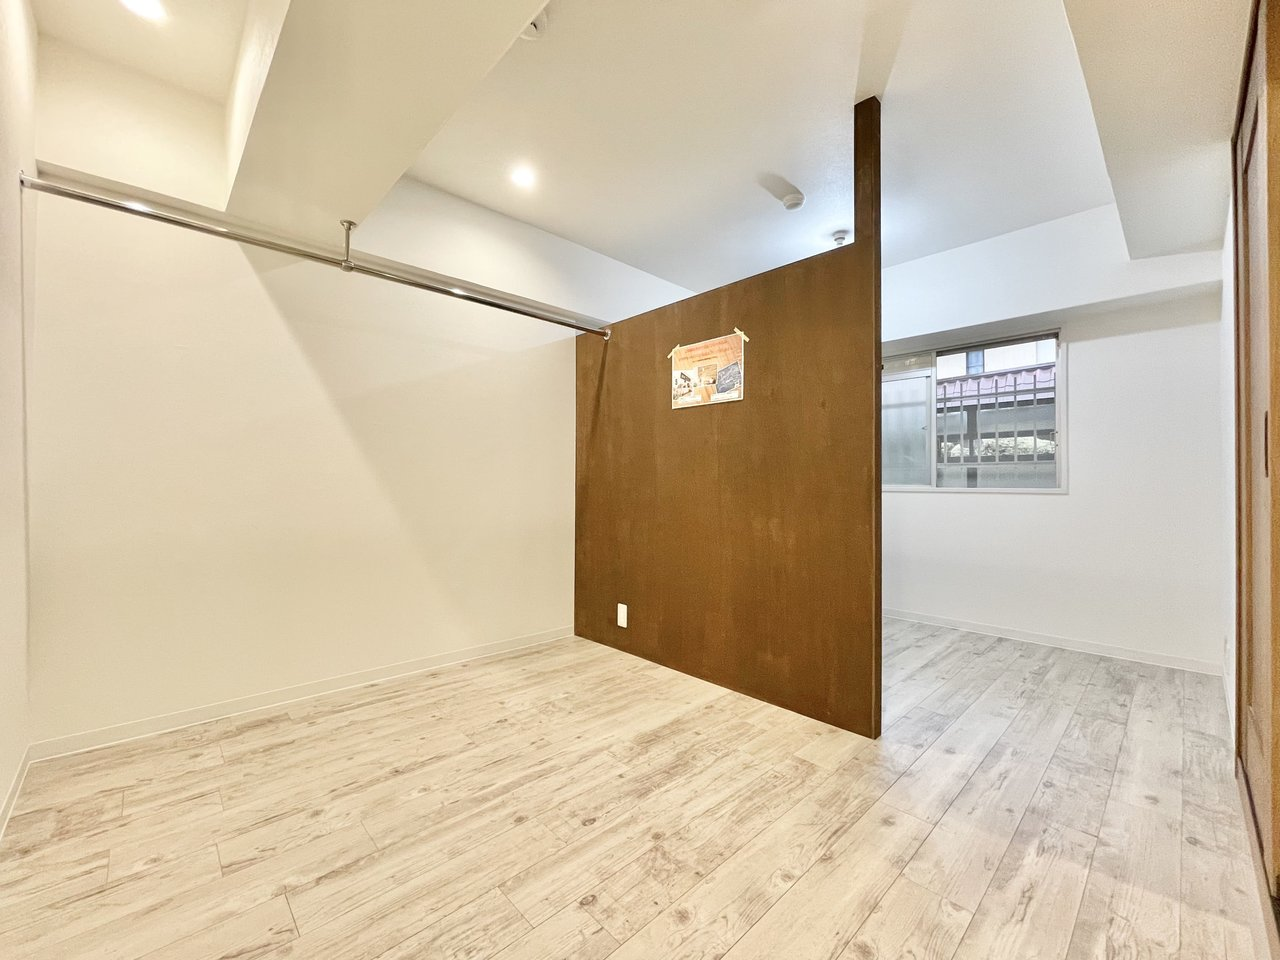 またテレワーク用になっているお部屋は、壁の一部がDIY可能です。またウォークインクローゼットも併設されているので、荷物が多い方でも安心。